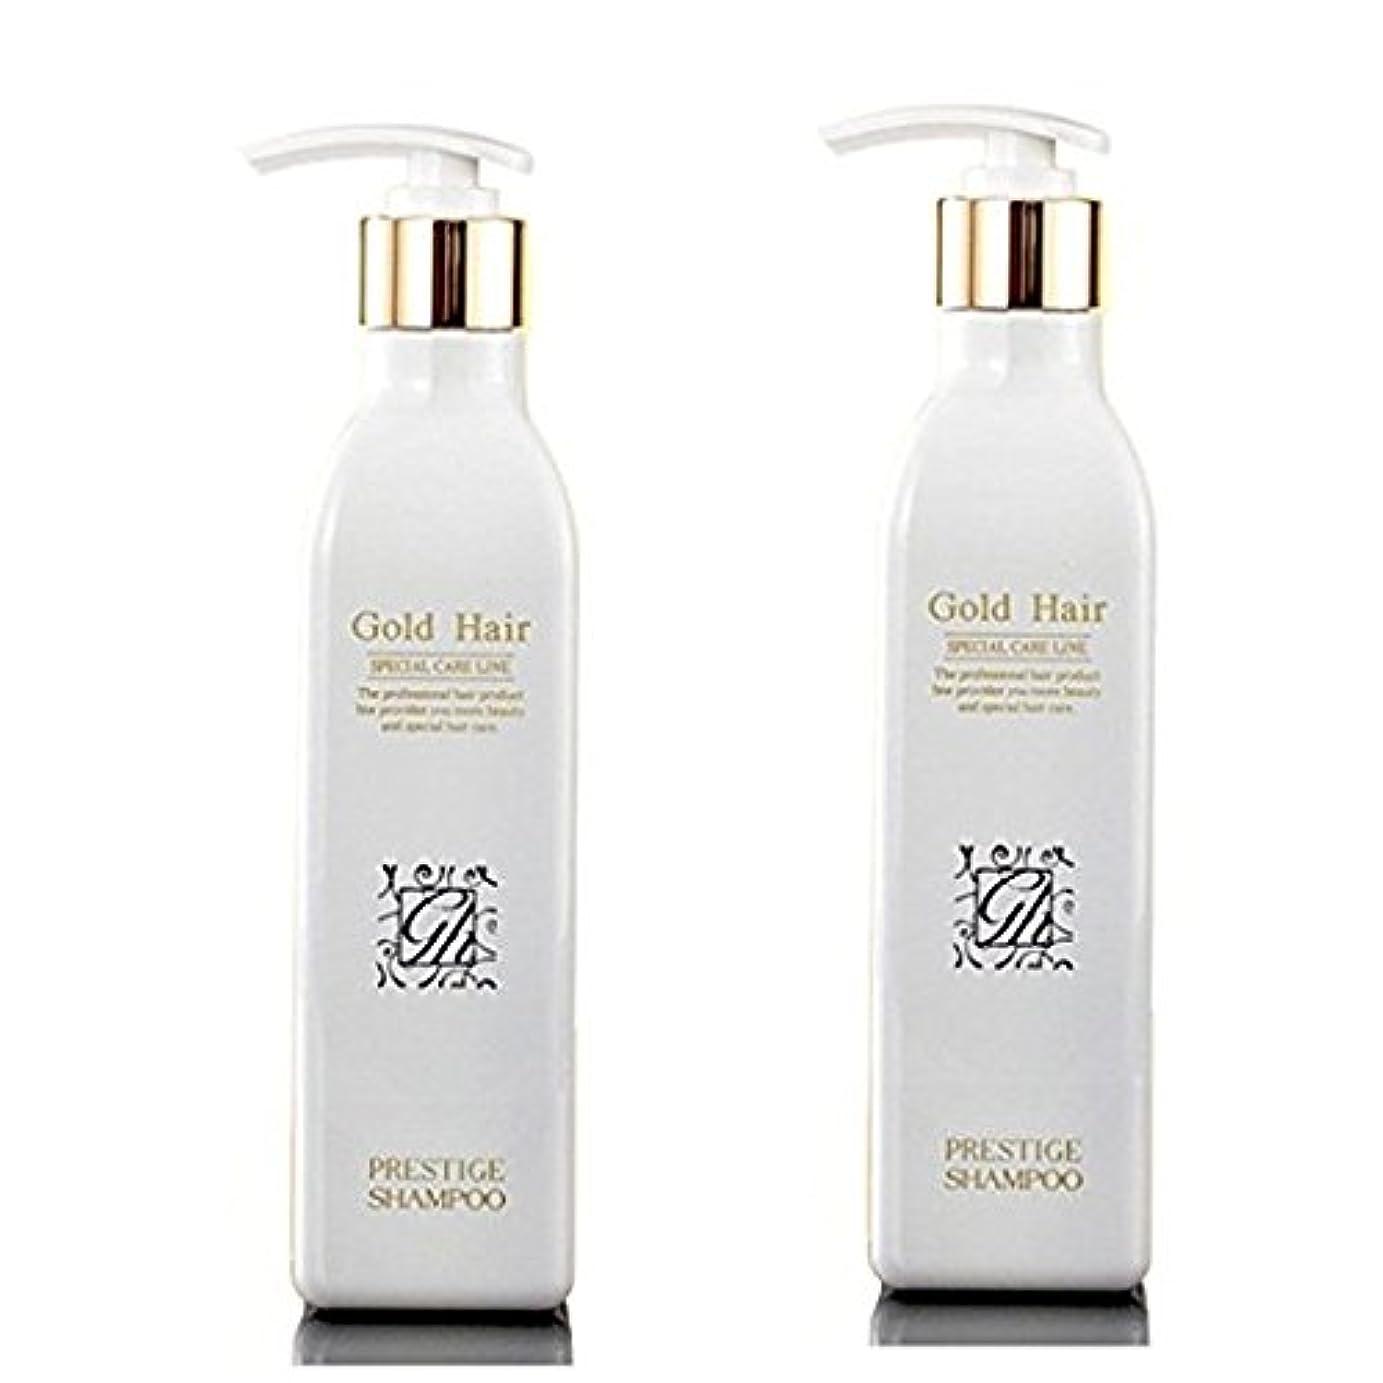 最後のあいまいなスケジュールゴールドヘア 育毛ケア シャンプー 漢方 シャンプー 抜け毛ケア ヘアケアシャンプー2本/Herbal Hair Loss Fast Regrowth Gold Hair Loss Shampoo[海外直送品] (2本セット...